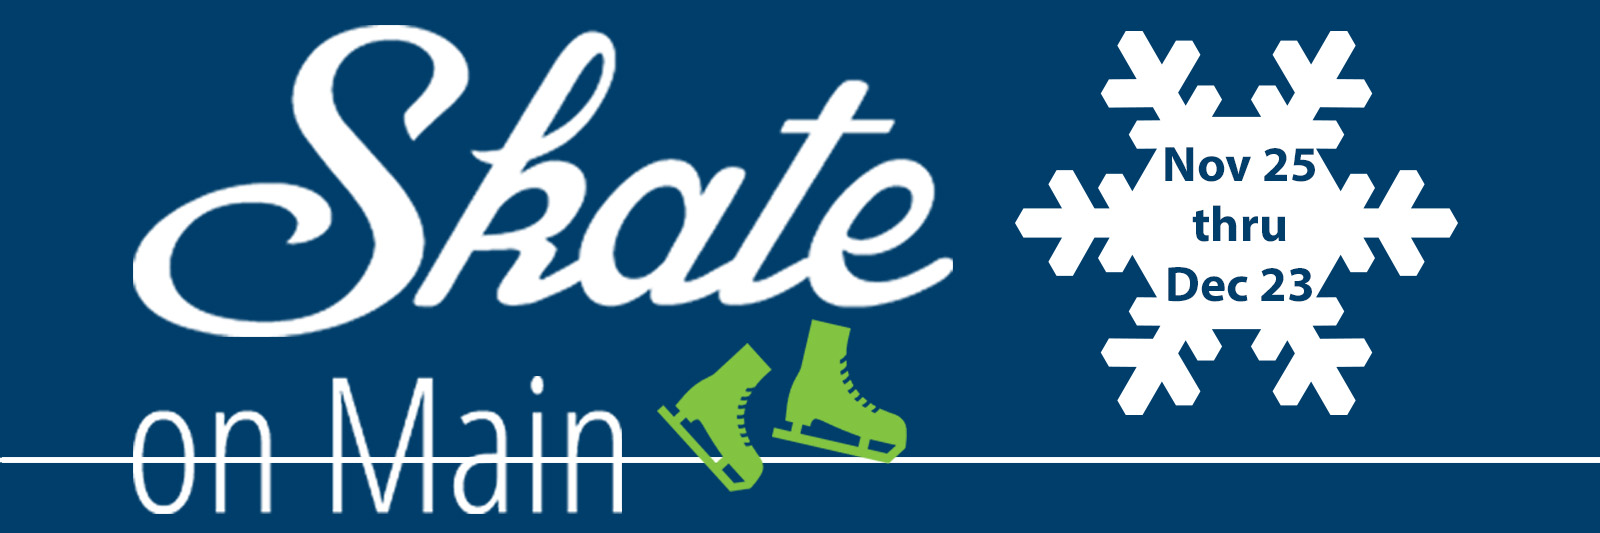 Skate-web-photo.jpg